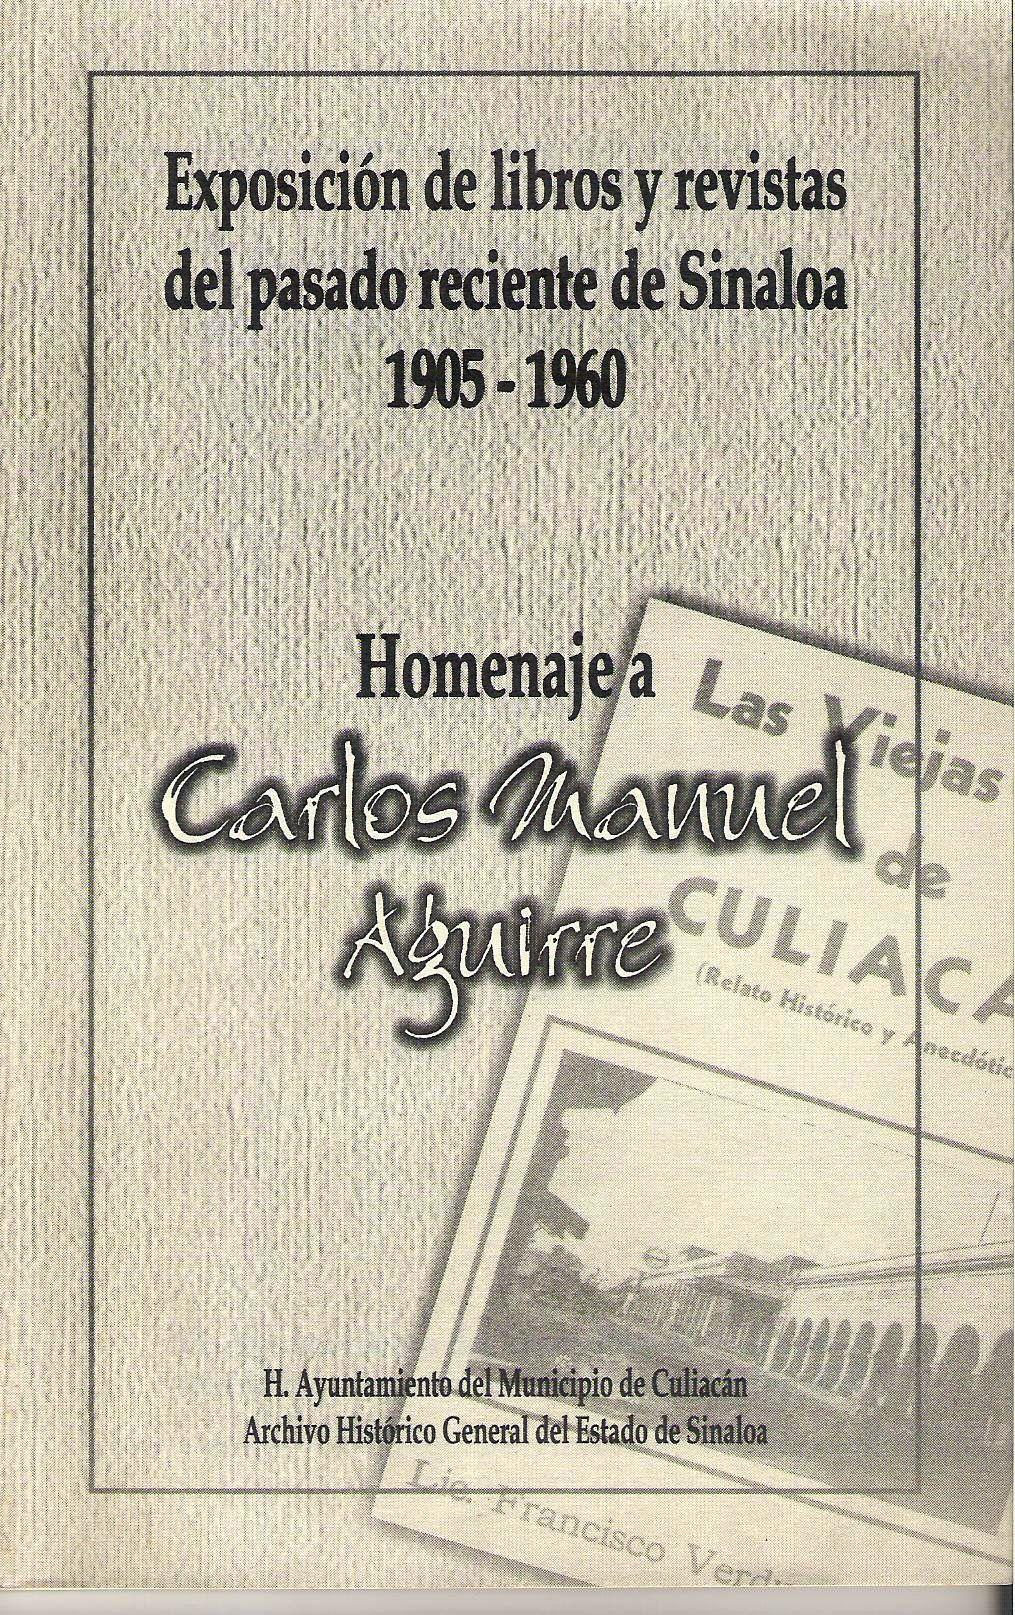 Exposici¢n de libros y revistas del pasado reciente de Sinaloa 1905-1960